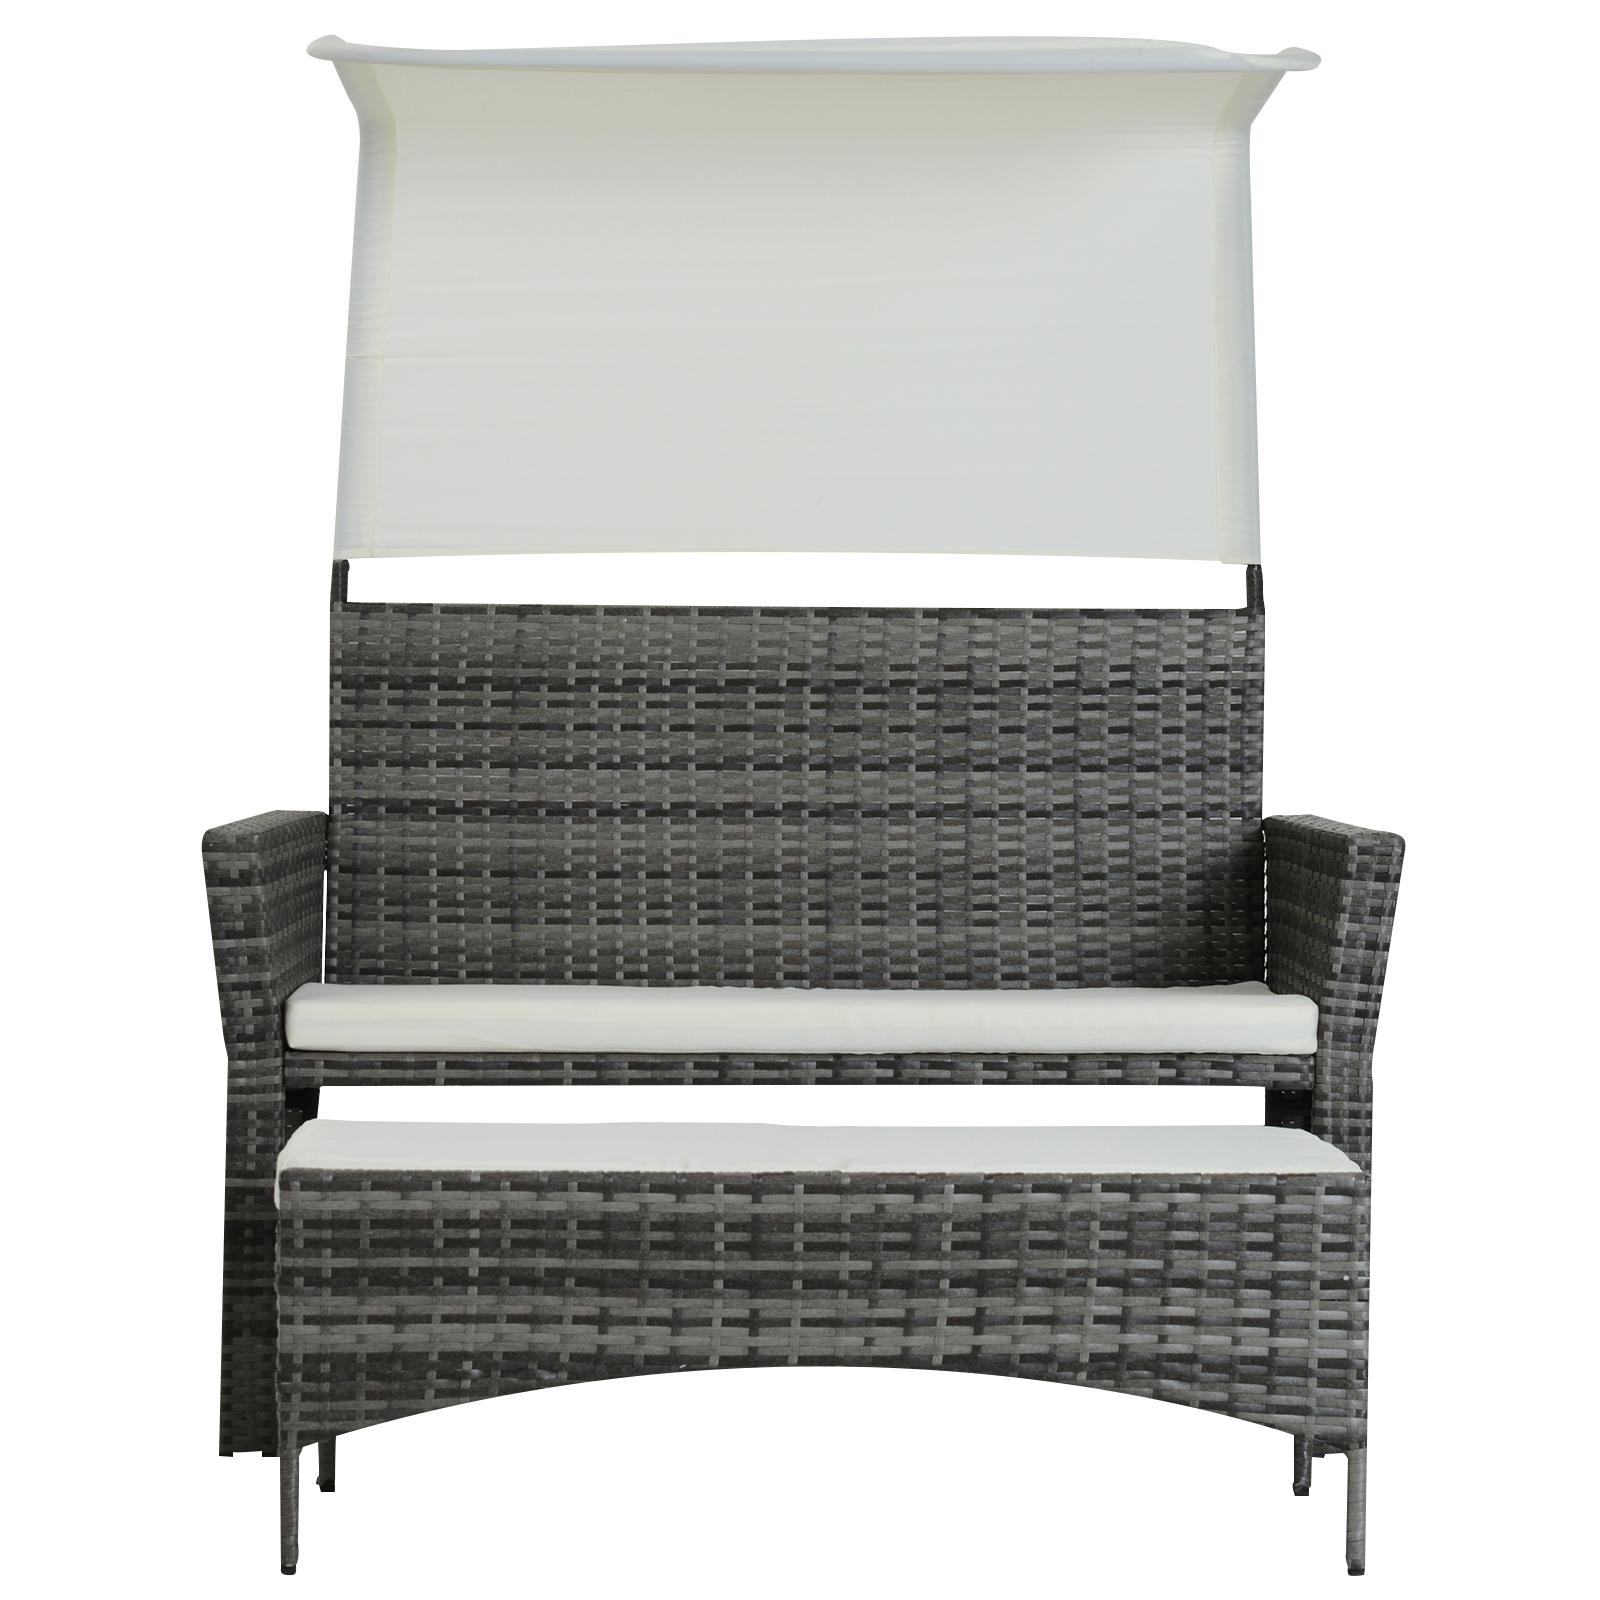 Sofa-de-Ratan-Dos-Plazas-Sillon-Mueble-Jardin-Terraza-con-Reposapies-Toldo-Cojin miniatura 11